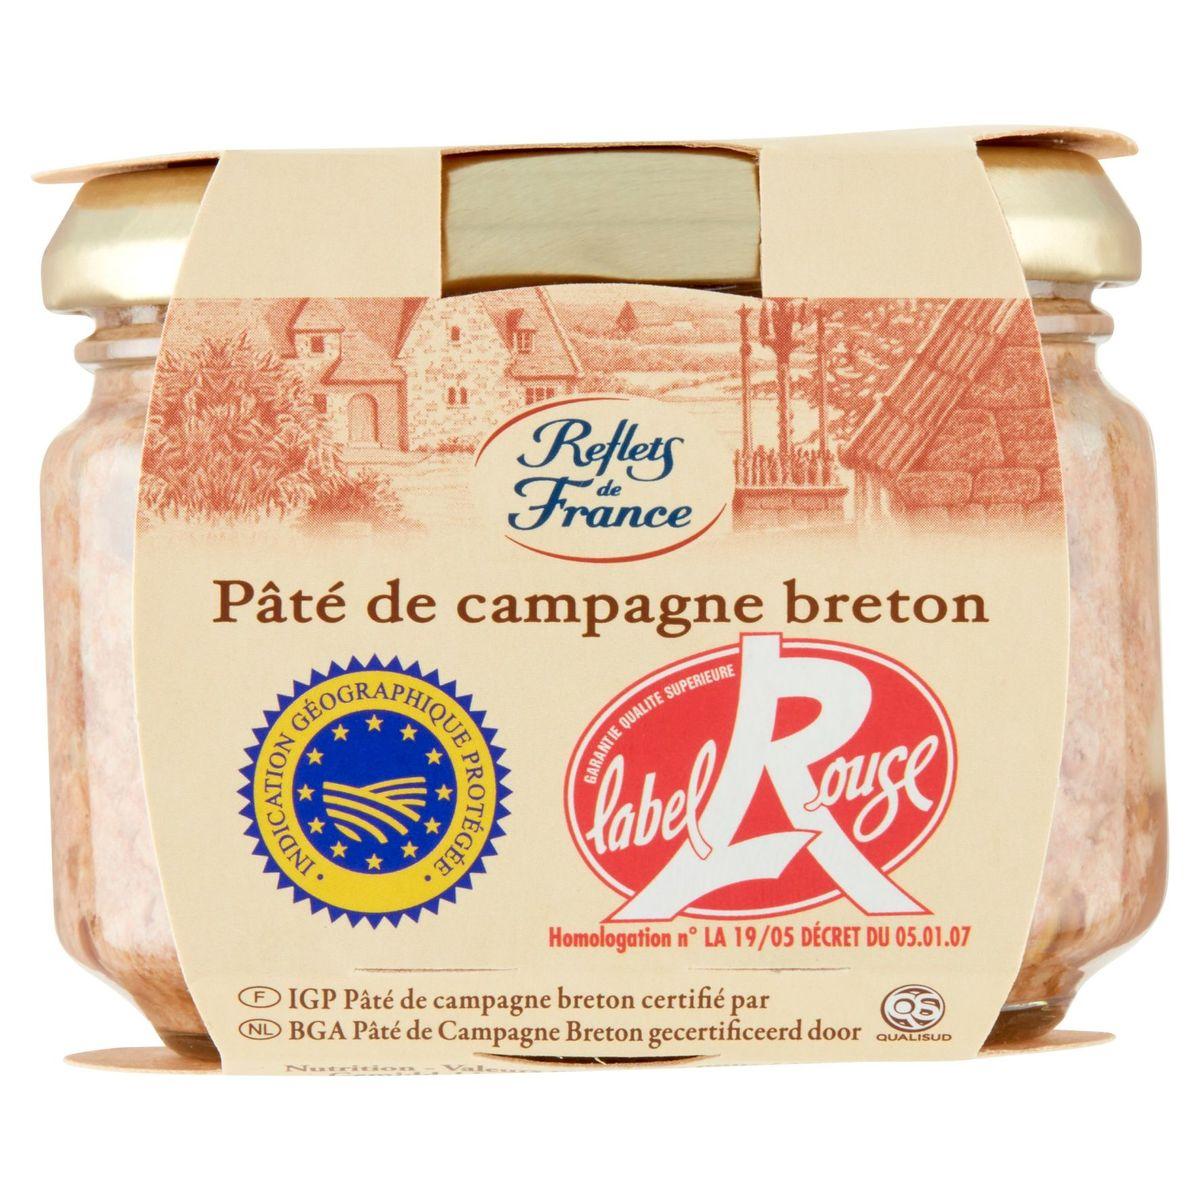 Reflets de France Pâté de Campagne Breton 180 g